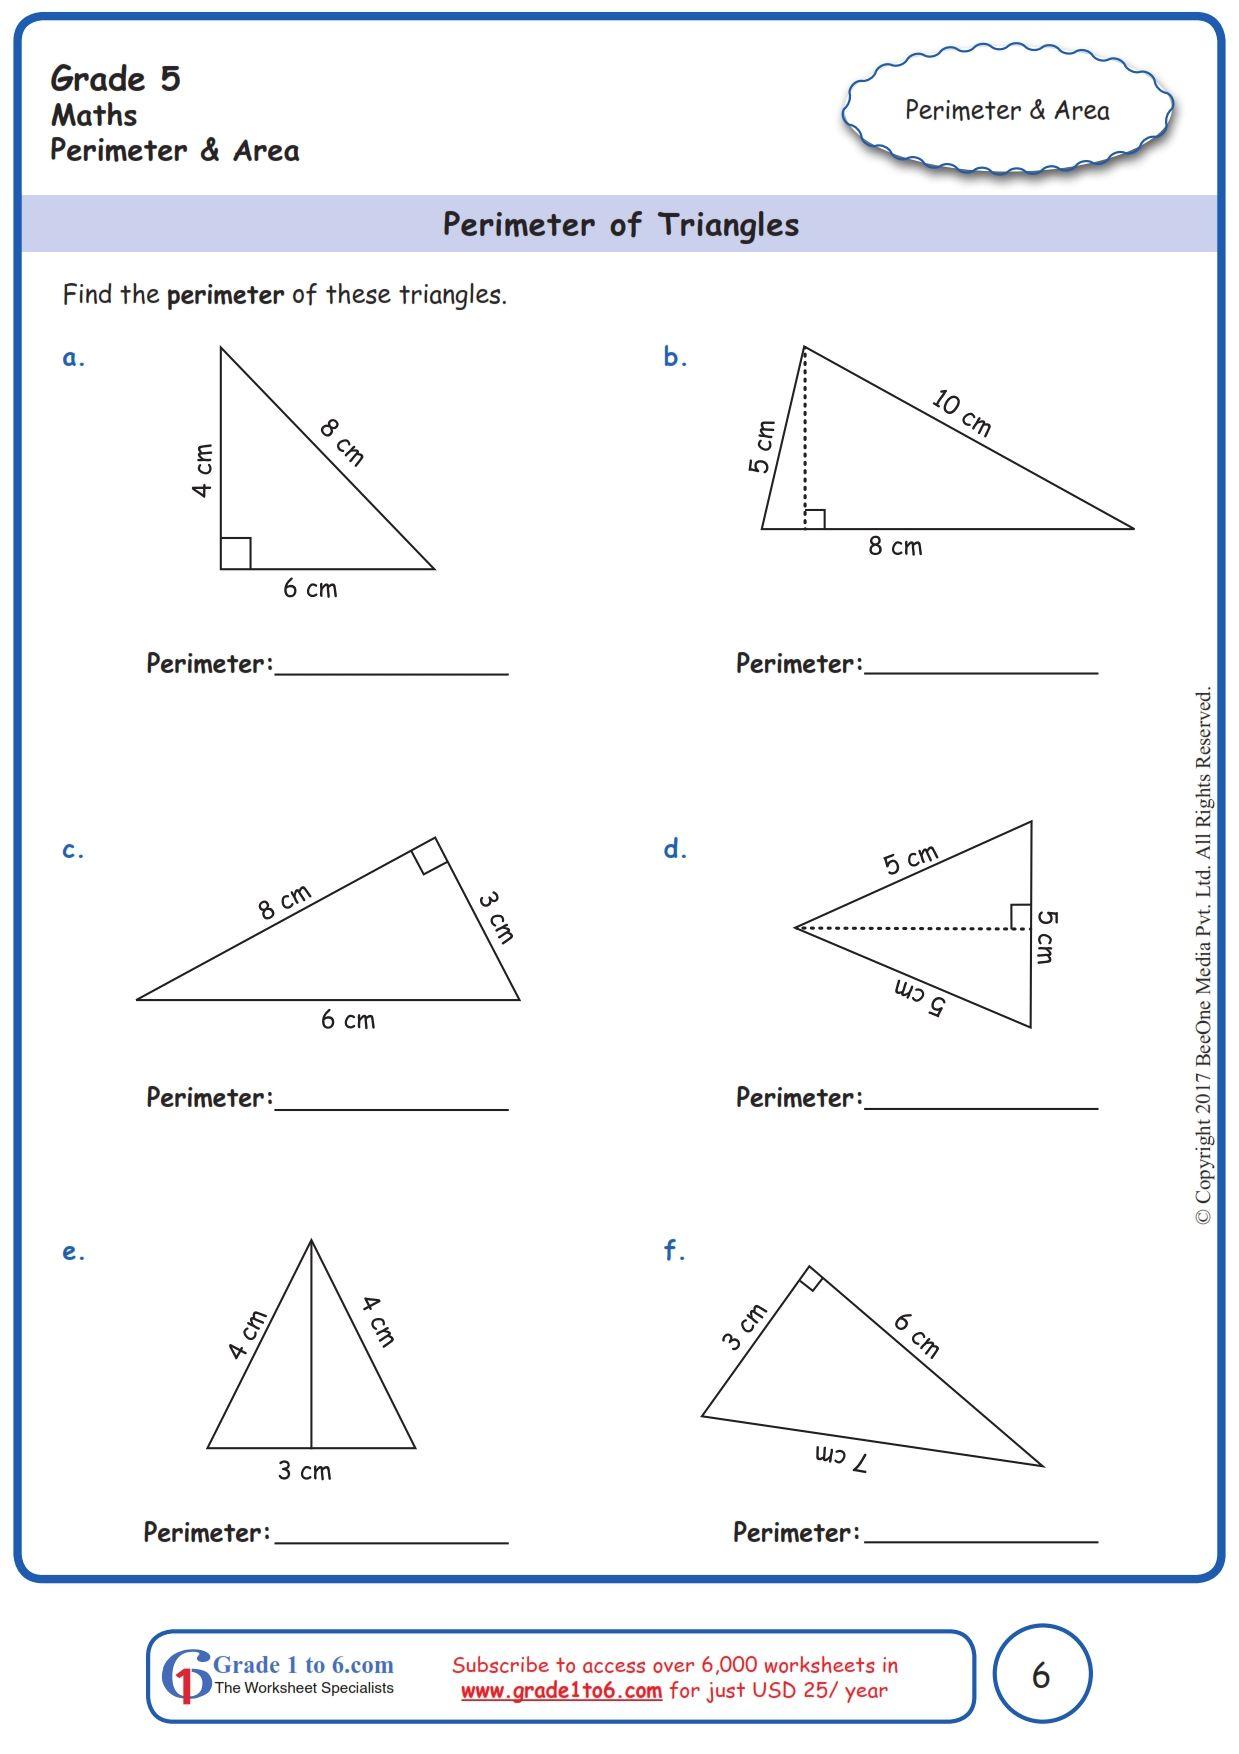 Worksheet Grade 5 Math Perimeter of Triangles   Perimeter worksheets [ 1754 x 1239 Pixel ]